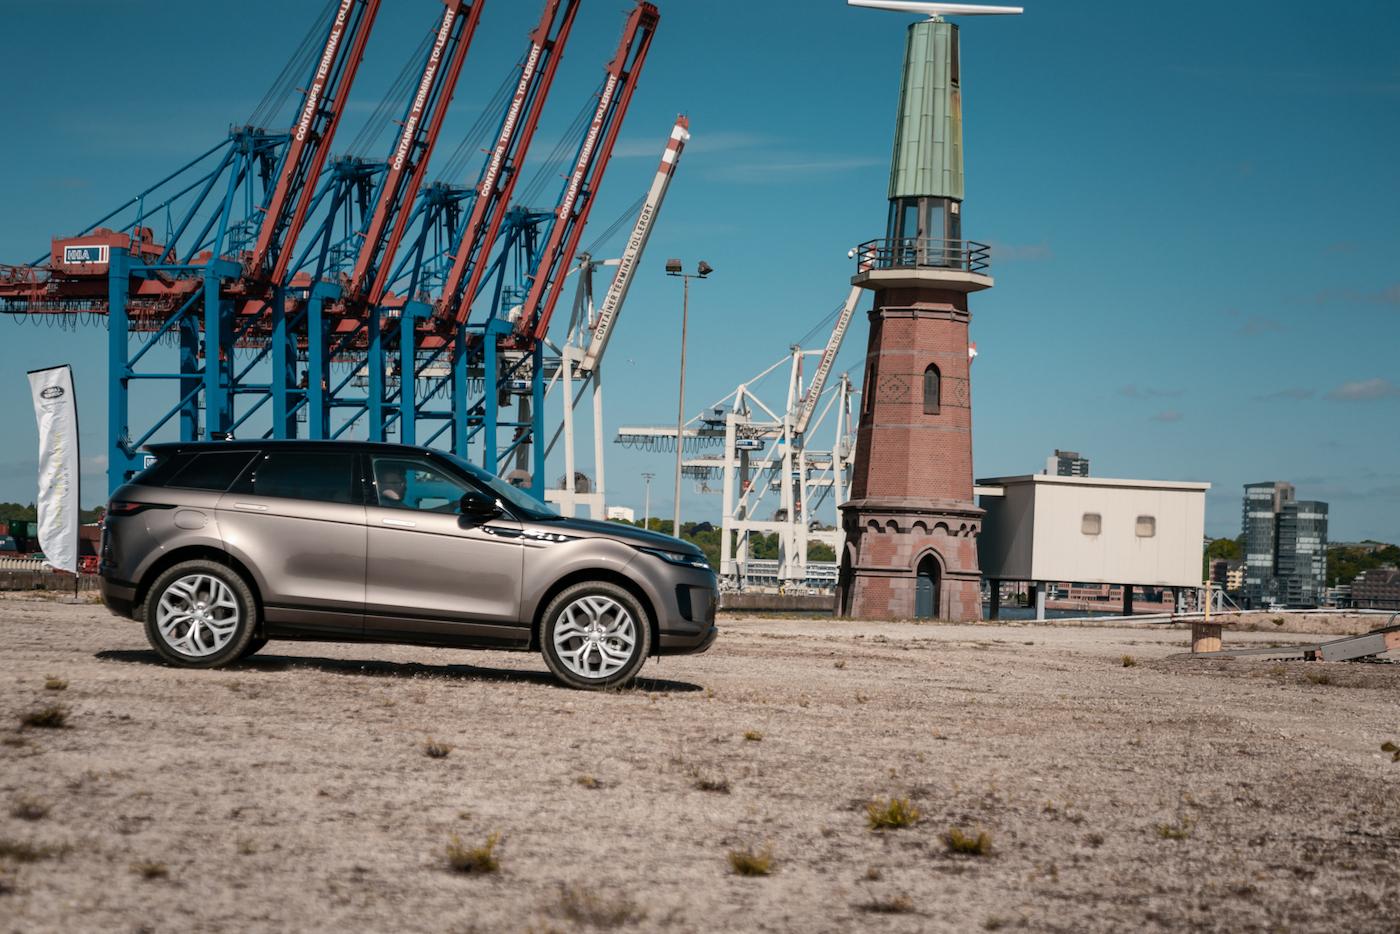 Offroad mal anders: Mit dem neuen Range Rover Evoque durch die Container-Stadt in Hamburg 5